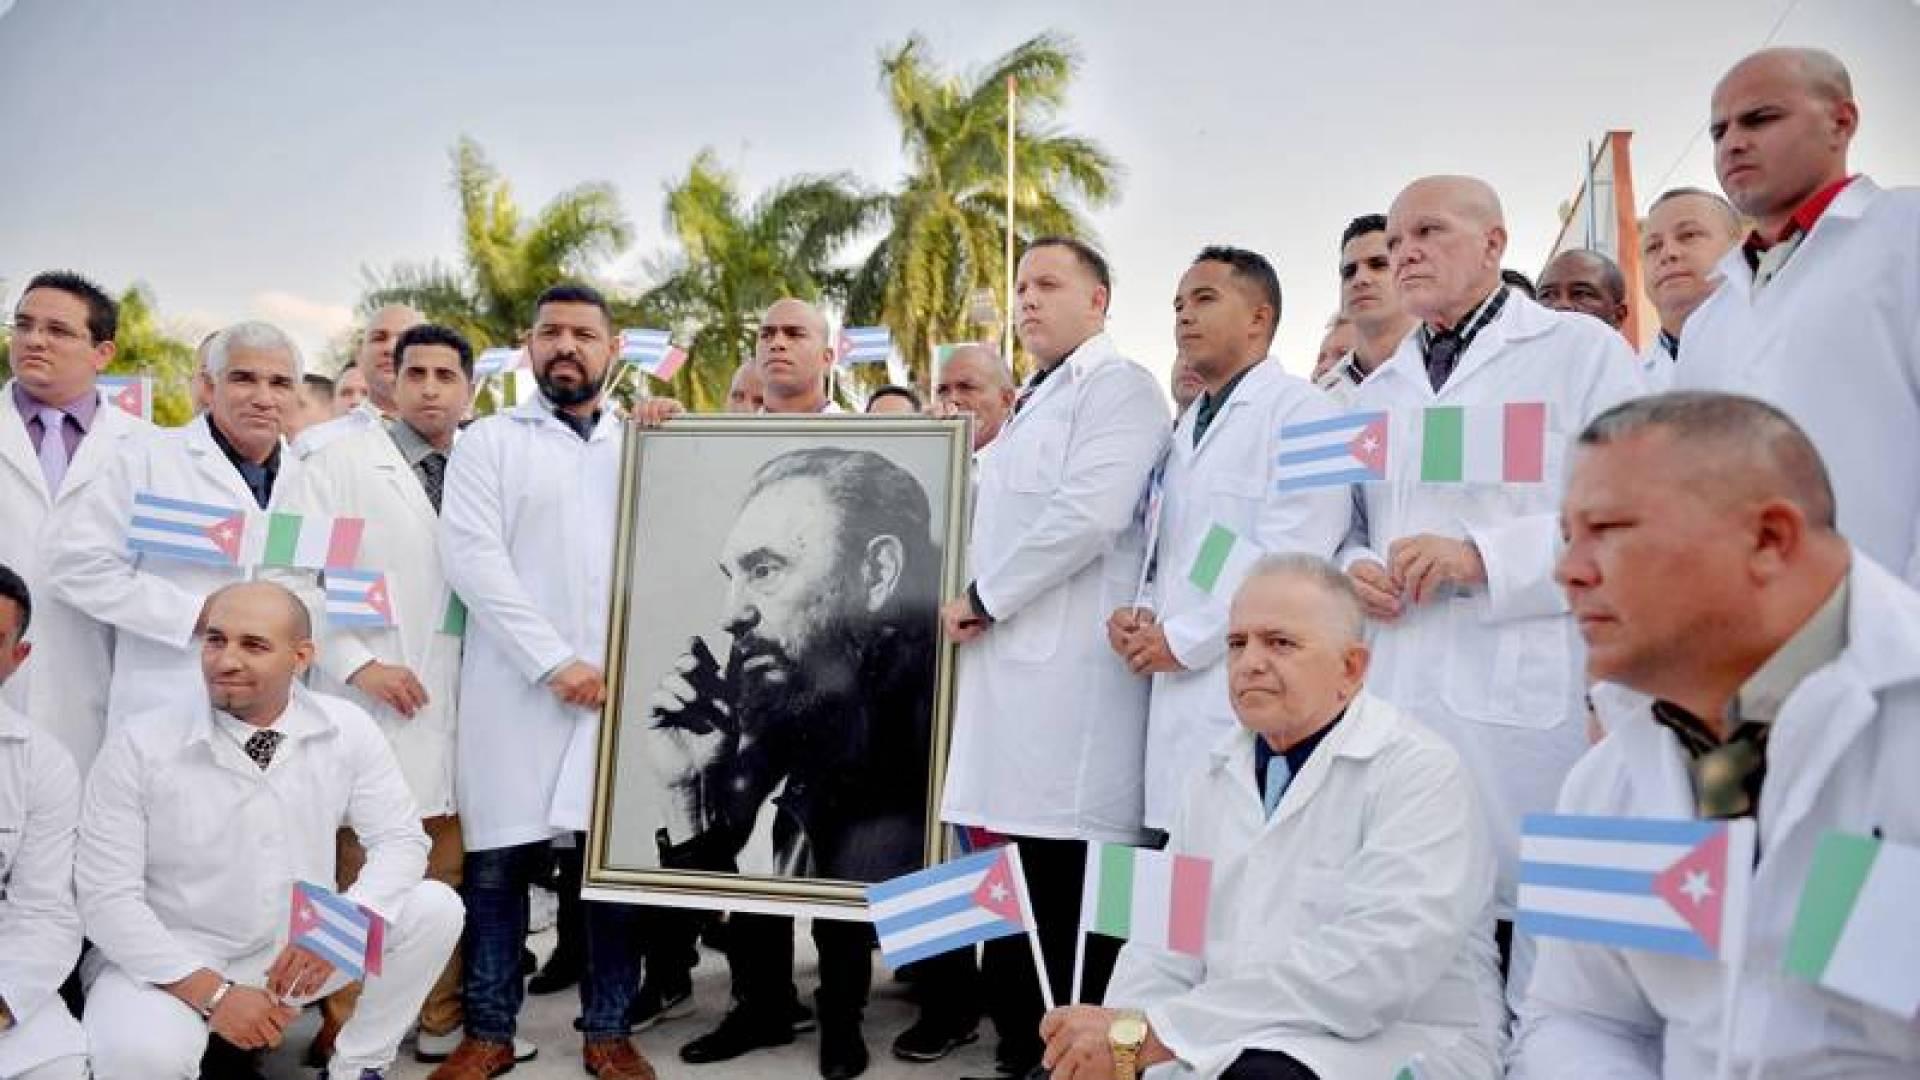 الأطباء الكوبيون يحاربون «كورونا» في العالم تحدياً للولايات المتحدة